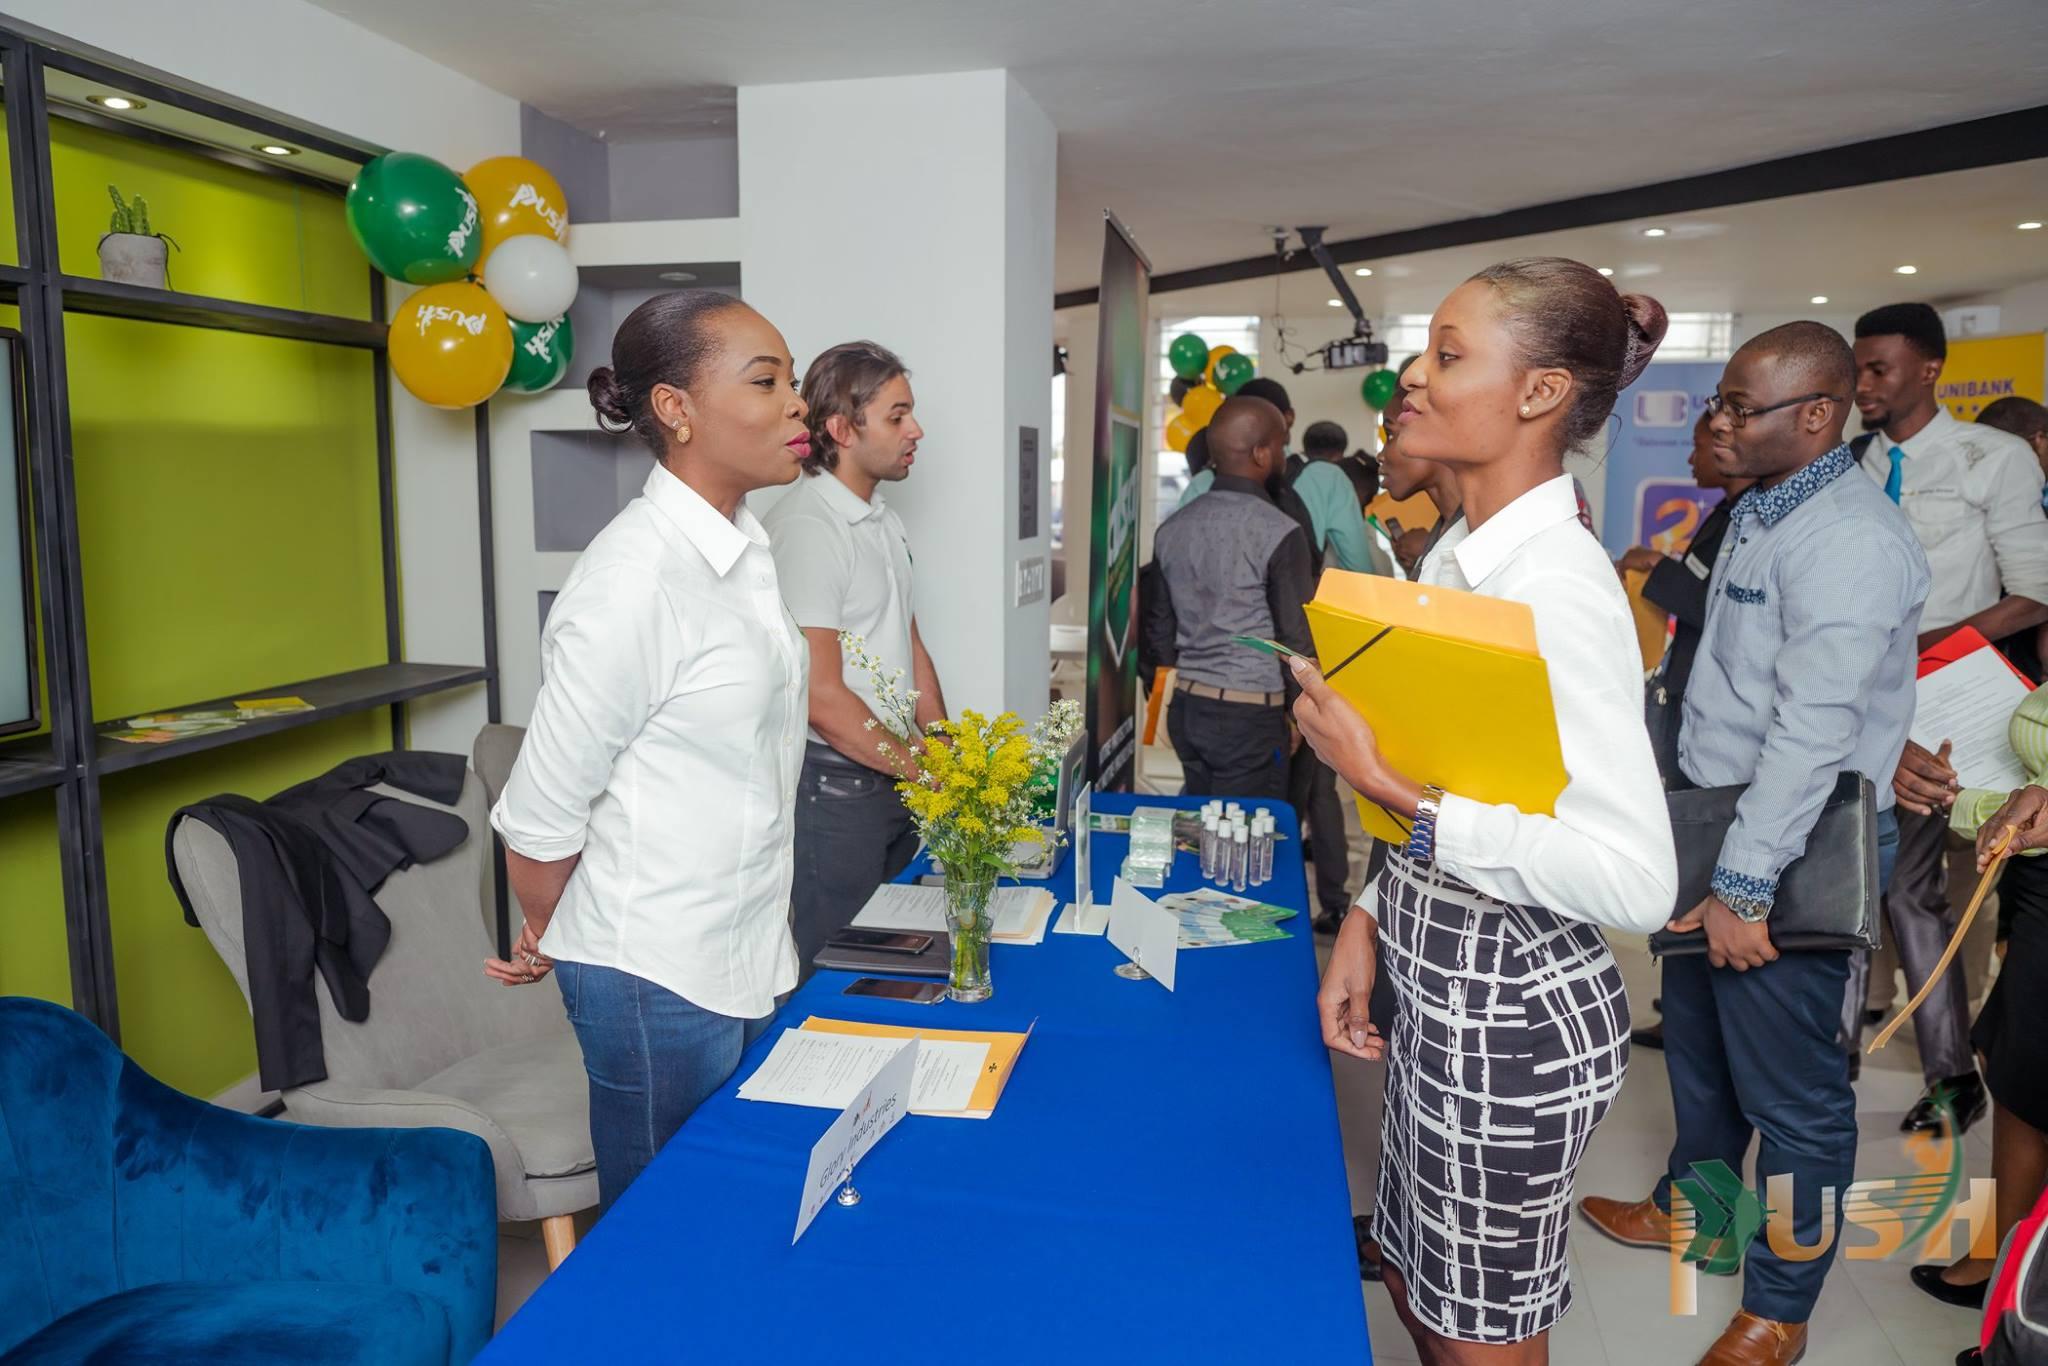 Echanges entre un participant et un représentant d'entreprise lors du salon de l'emploi organisée a la deuxième édition de PUSH